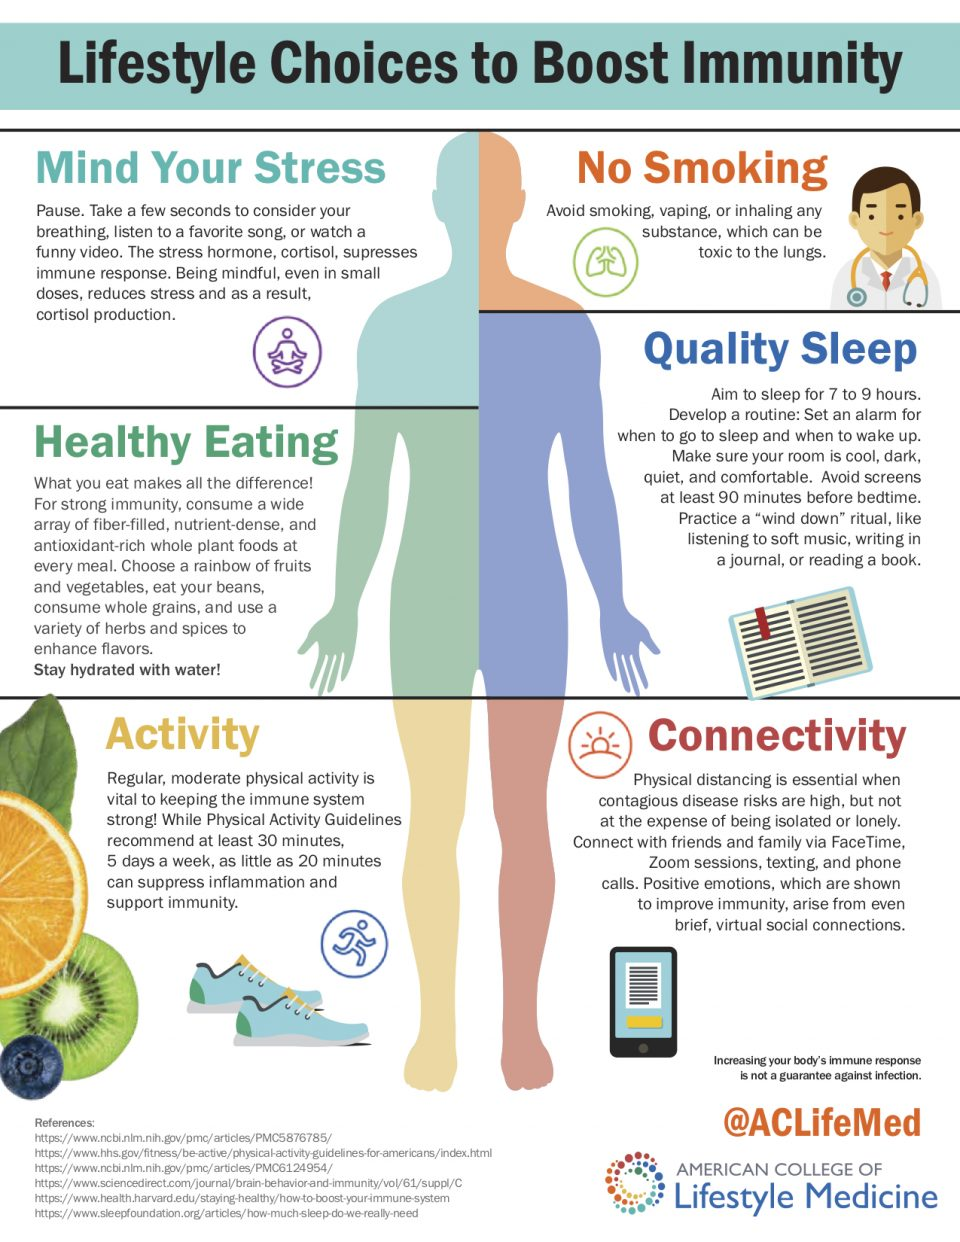 Lifestyle Choices _ Immunity